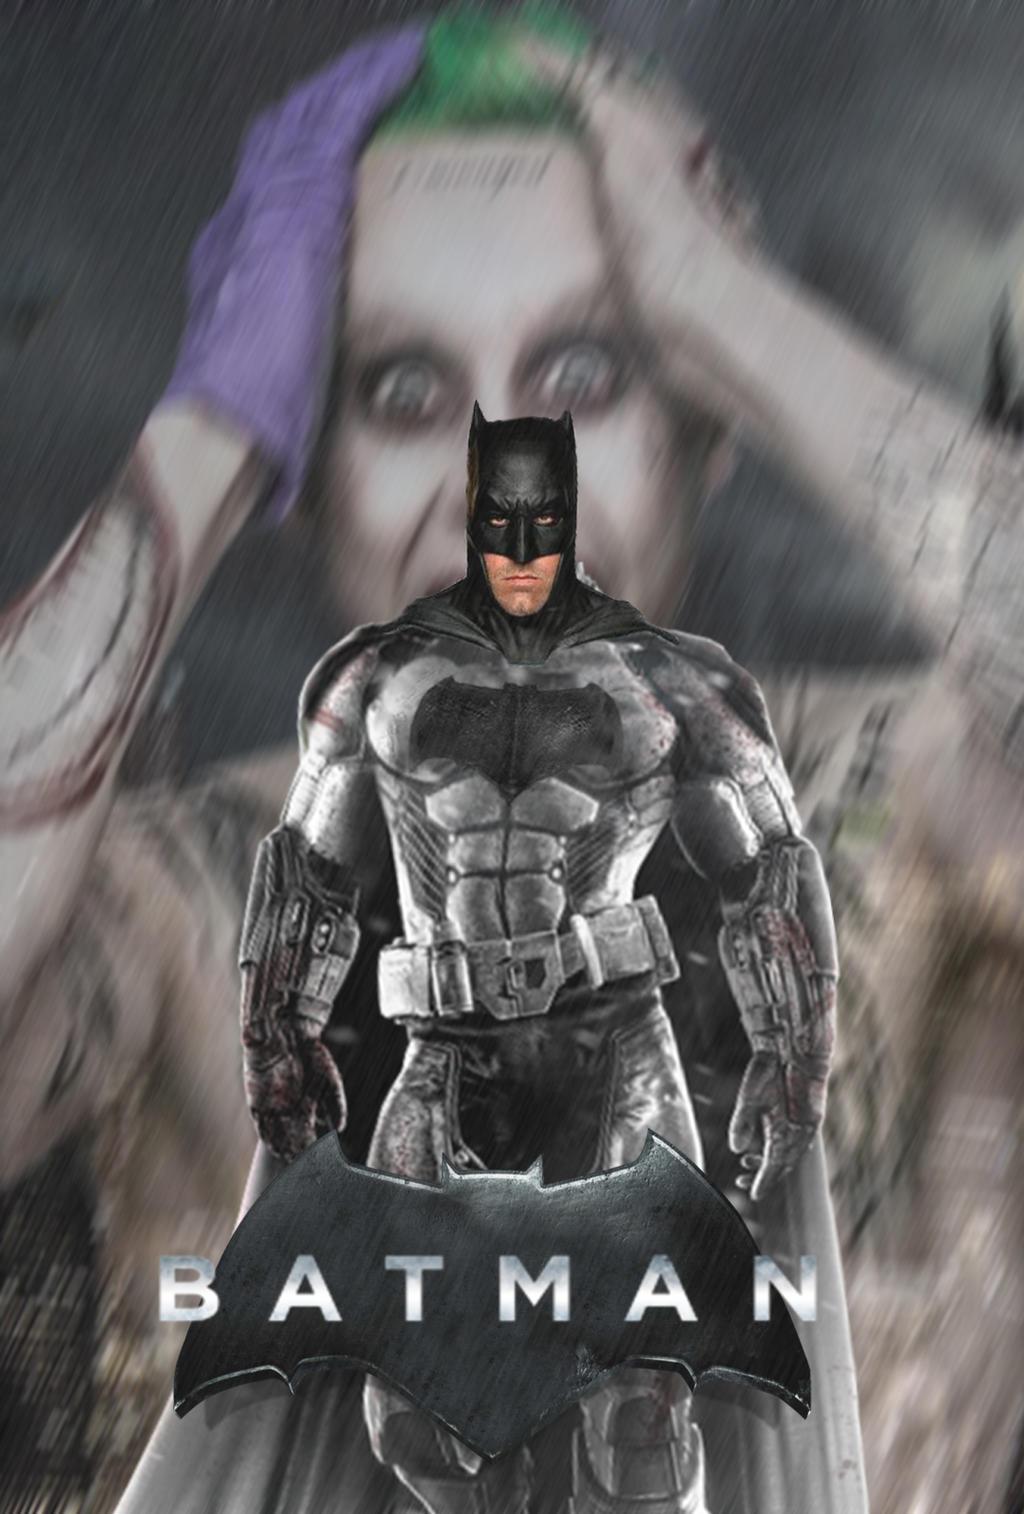 Ben affleck batman poster 1 by mumba398 on deviantart - Ben affleck batman wallpaper ...